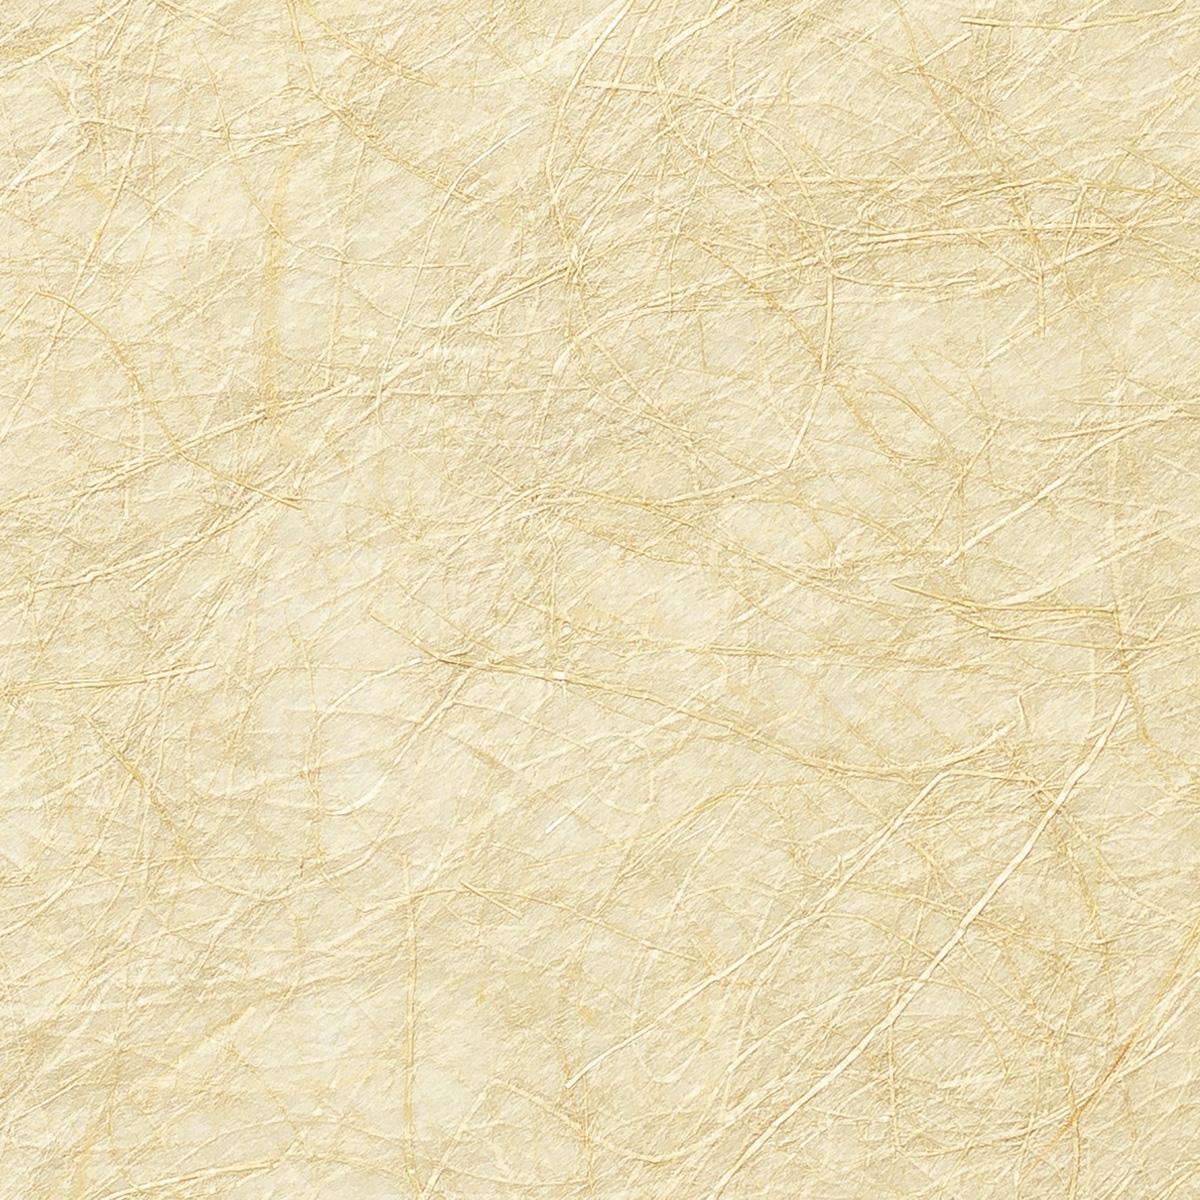 阿波 金和紙(マニラ麻紙)L14